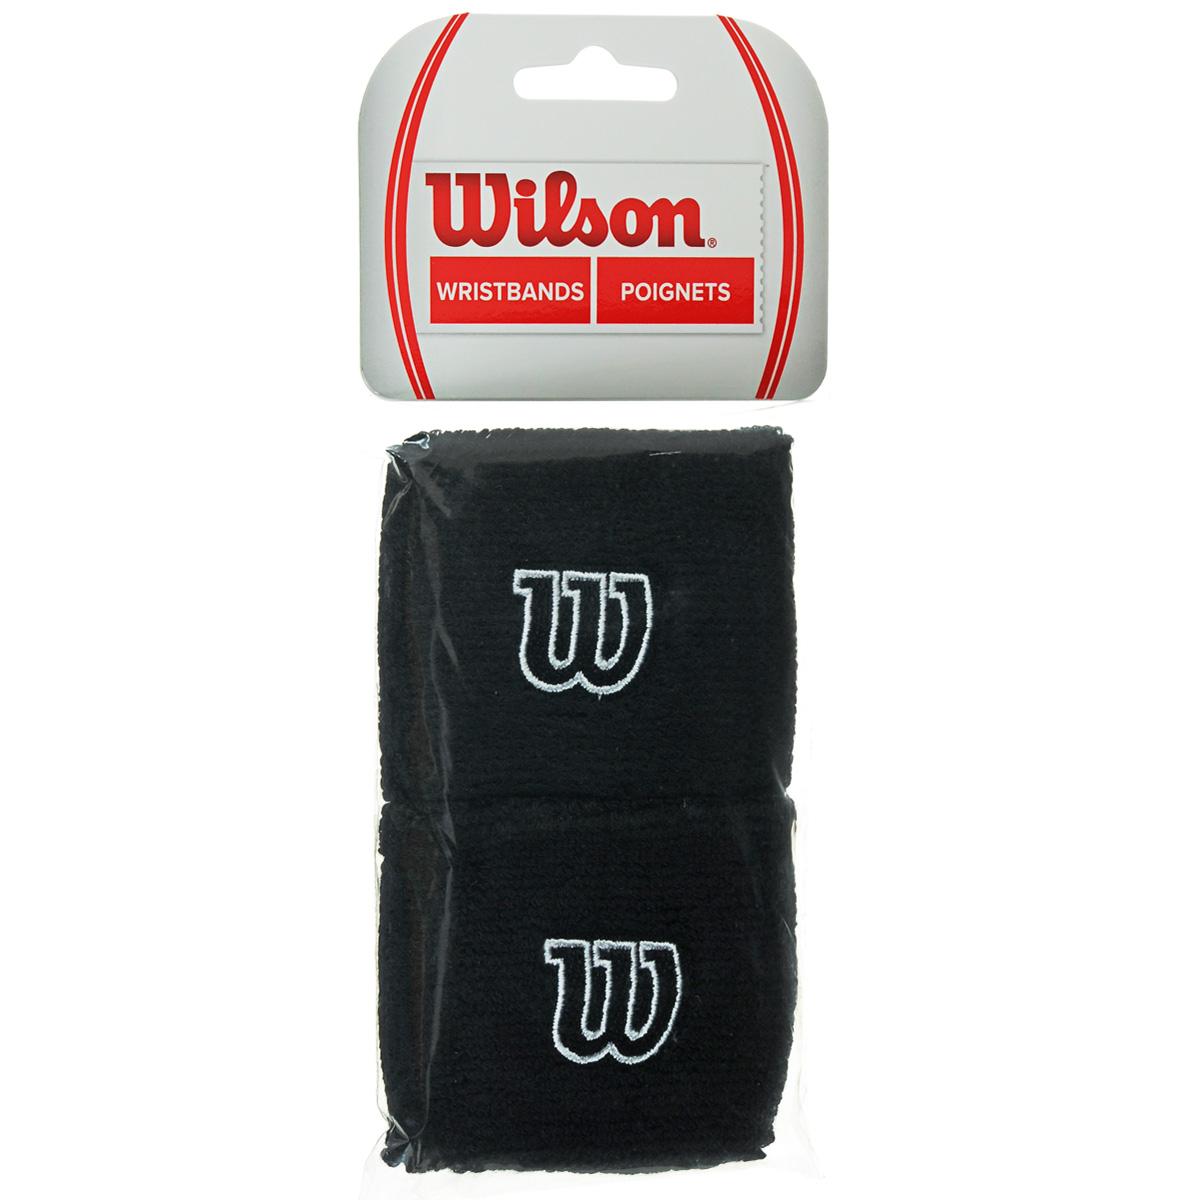 Напульсник Wilson Wristband, цвет: черный, 2 шт. Размер универсальныйWR5602700Широкие напульсники Wilson Wristband выполнены из футера и украшены вышивкой W. Полностью поглощают влагу, обеспечивая максимальный комфорт во время игры или тренировки.